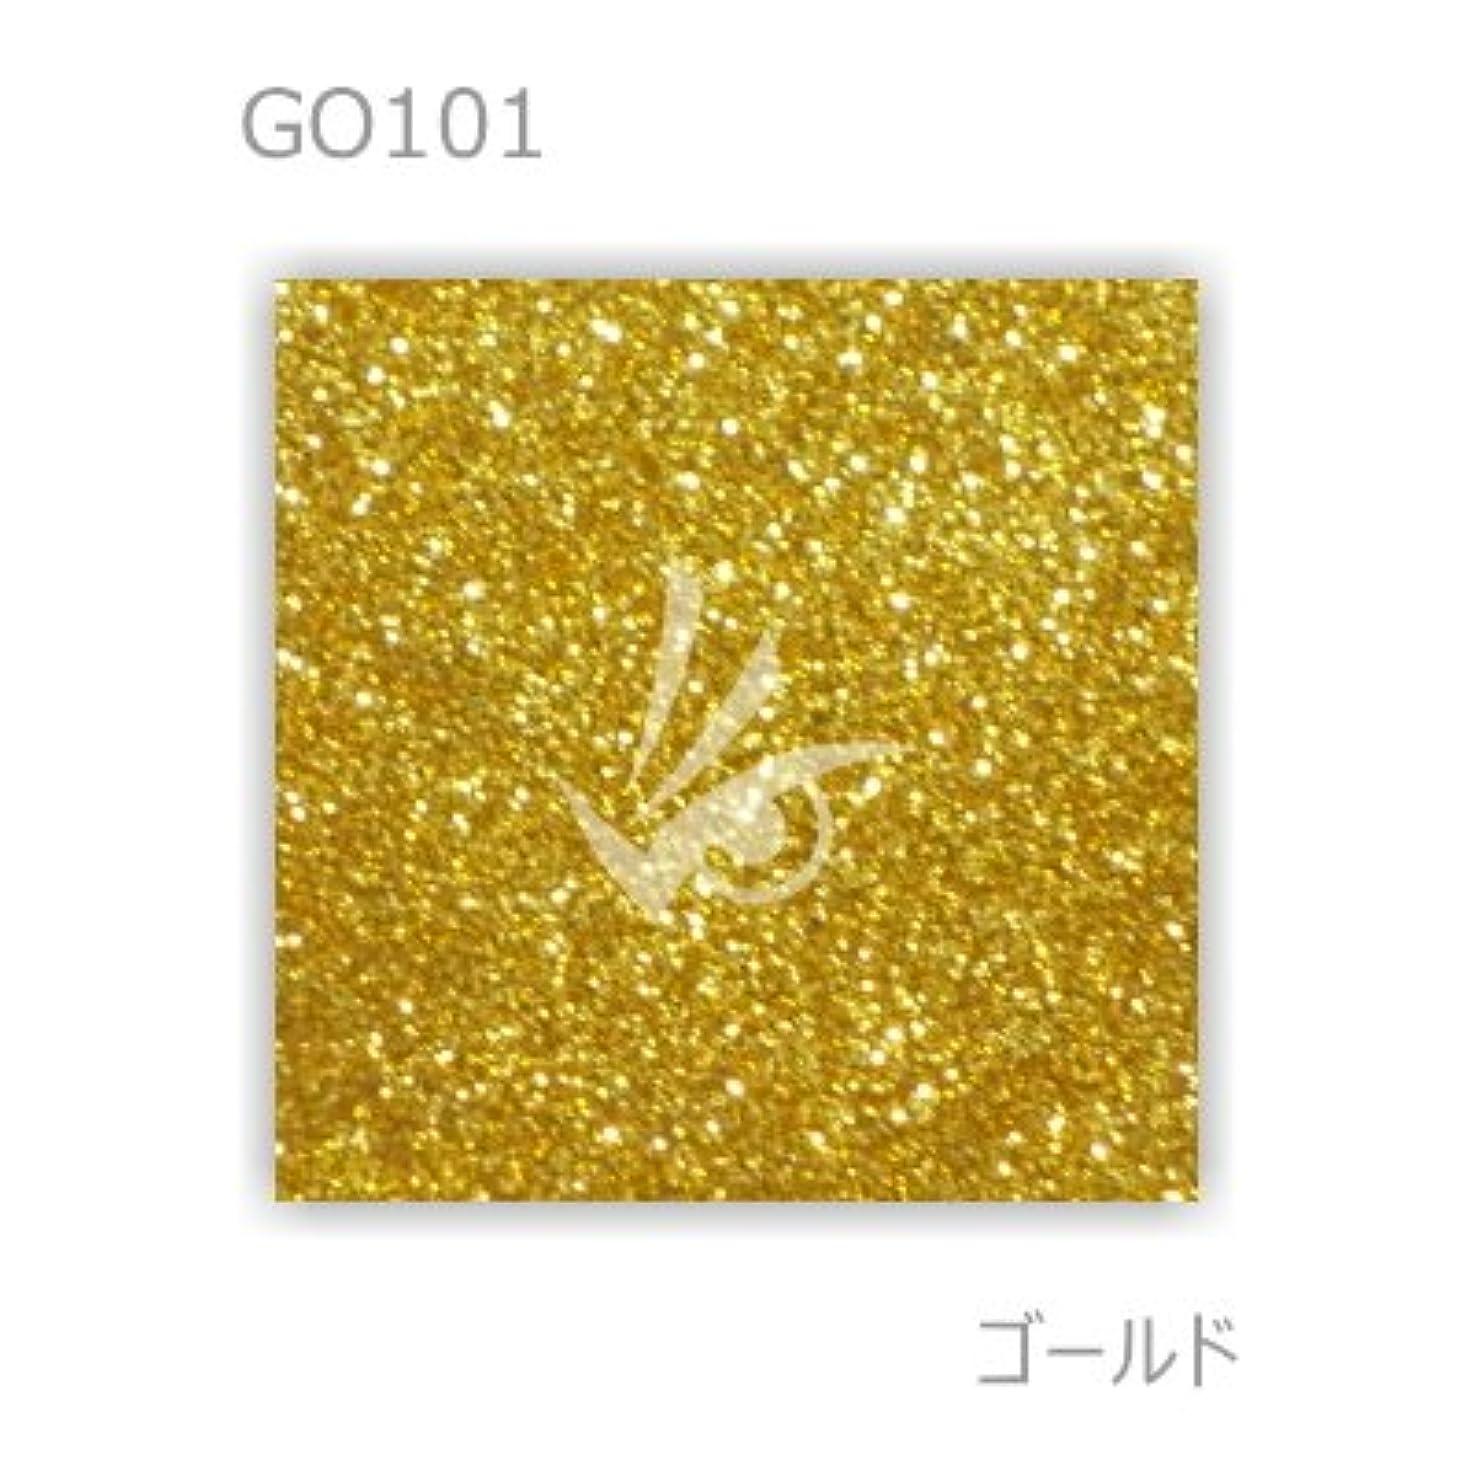 司教司教石鹸業務用 グリッター ラメパウダー ホログラム (ゴールド) (1kg) (0.2mm)